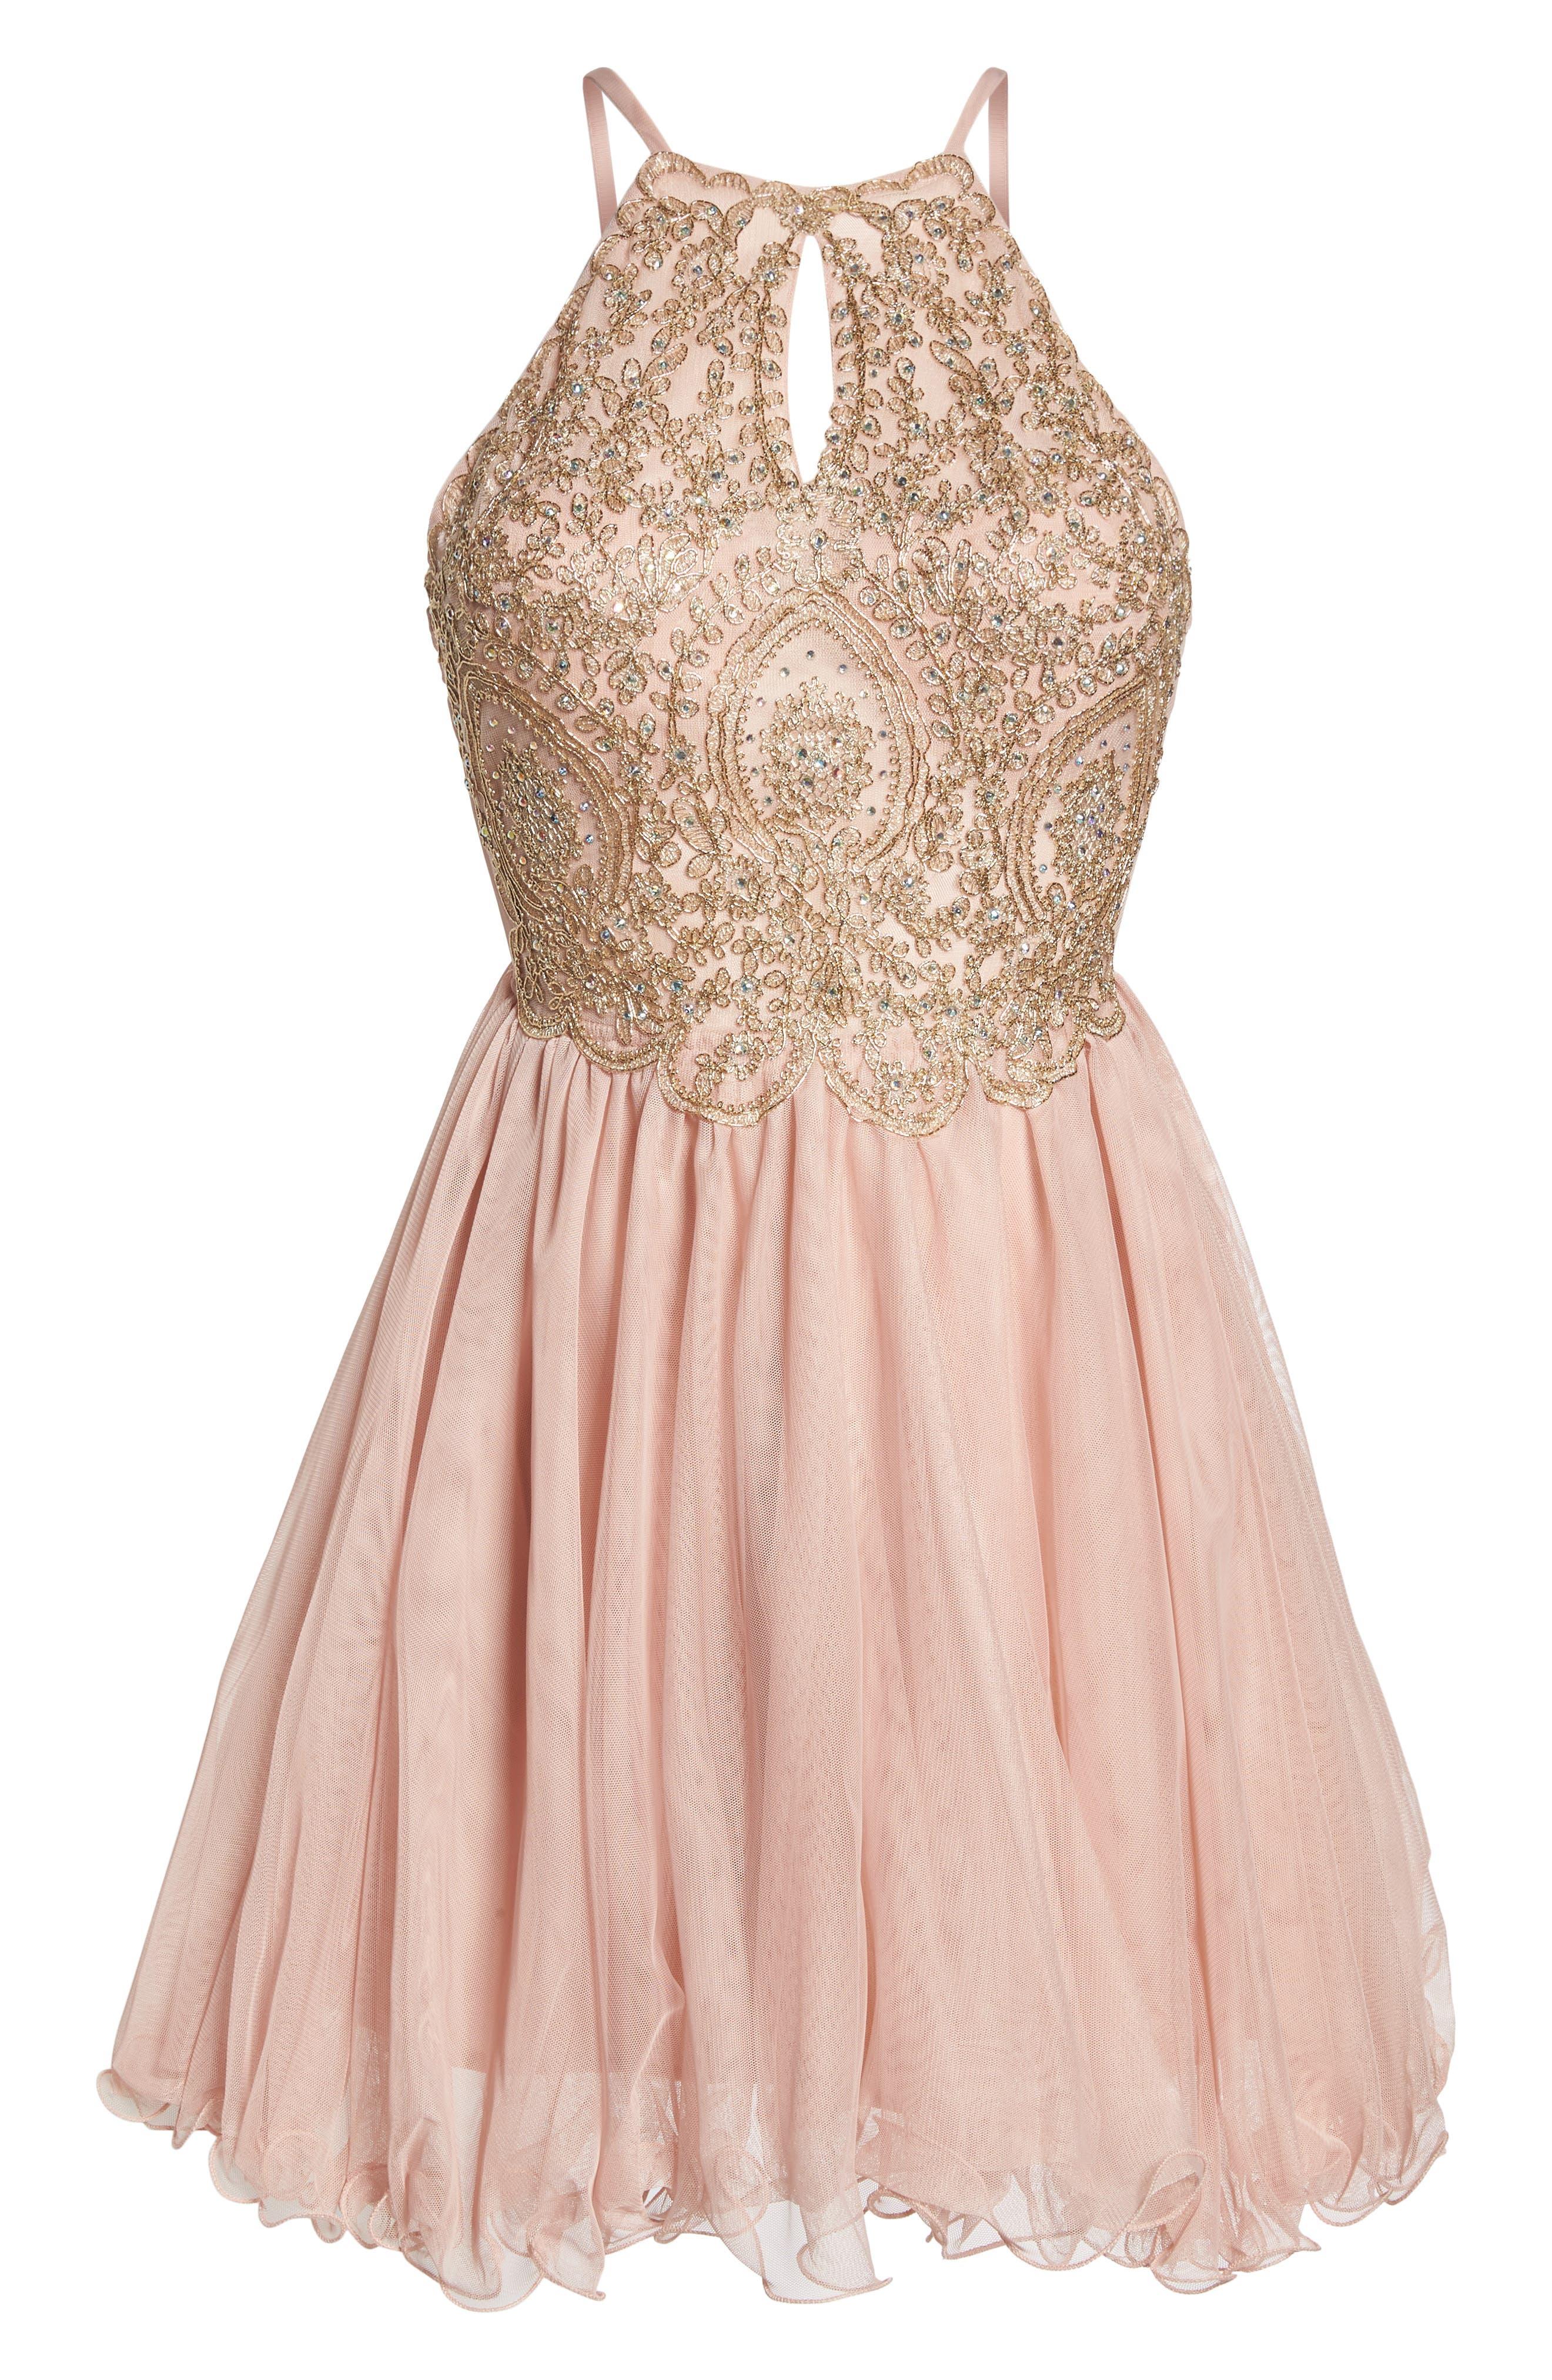 Embellished Fit & Flare Dress,                             Alternate thumbnail 6, color,                             Blush/ Gold